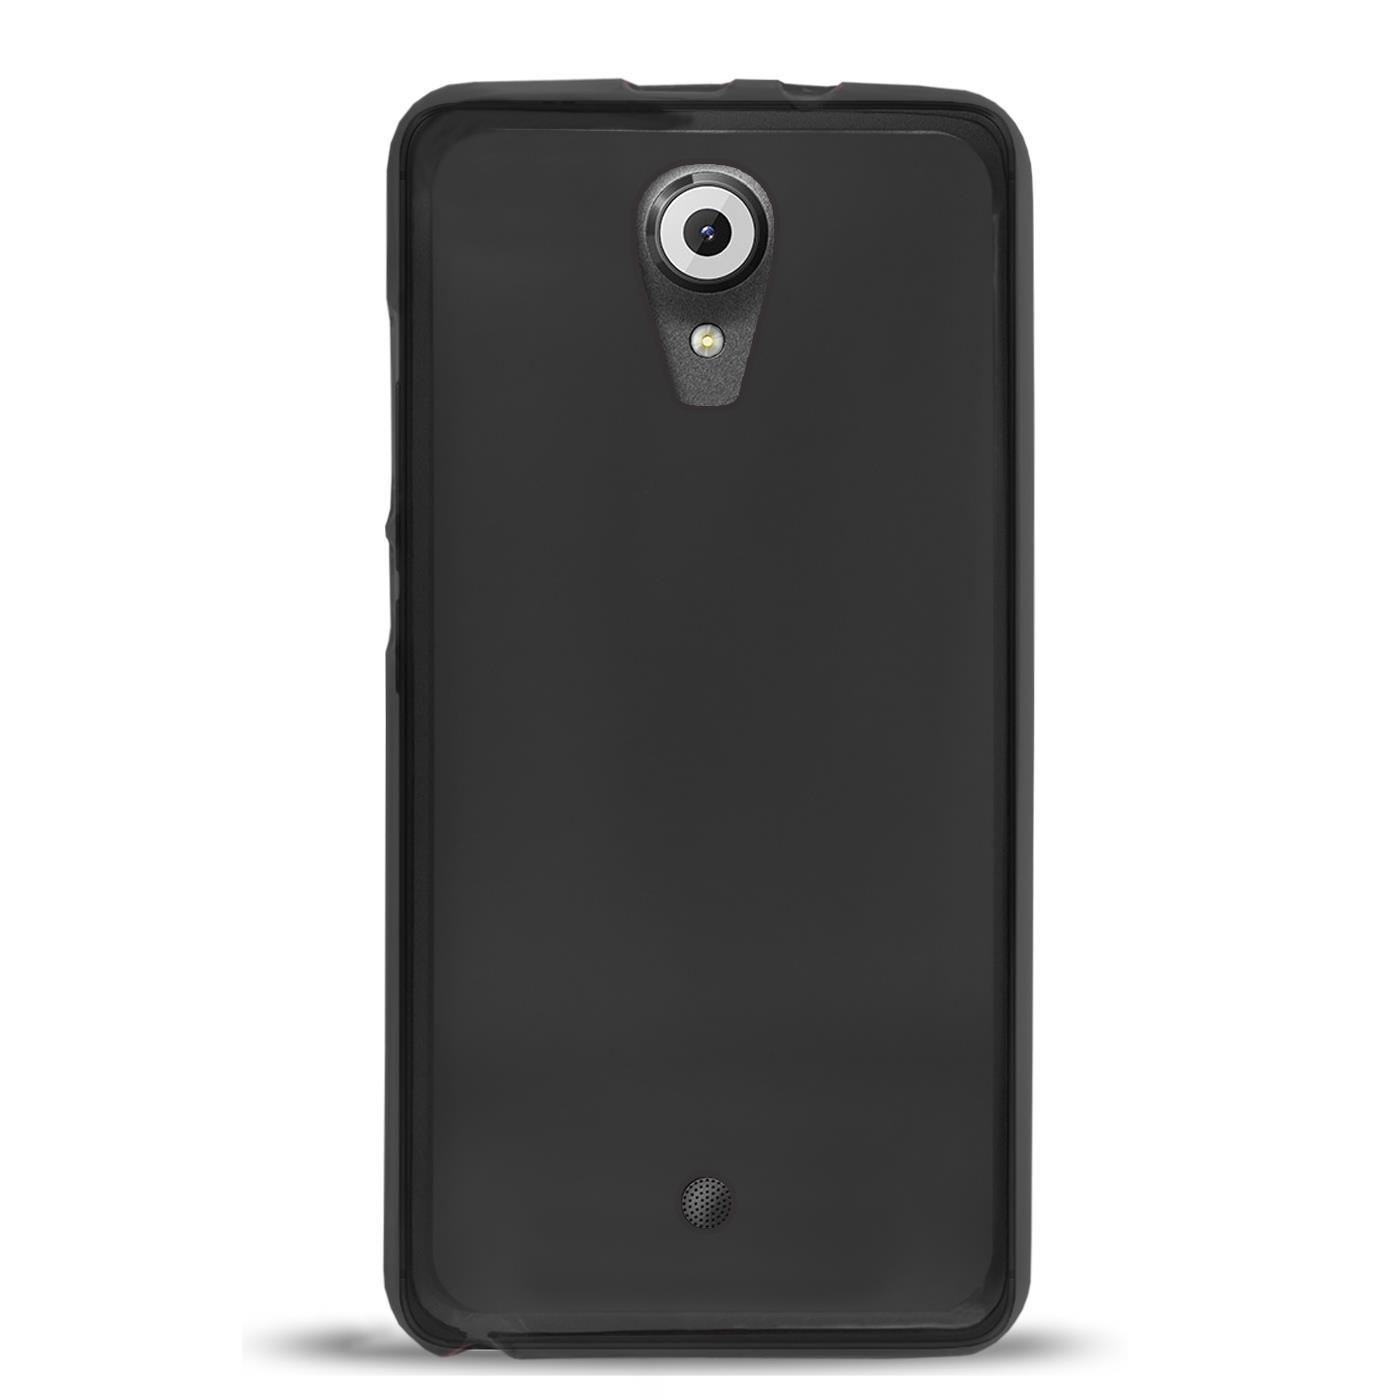 Duenn-Slim-Cover-Wiko-U-Feel-Handy-Huelle-Silikon-Case-Schutz-Tasche-Schwarz Indexbild 3